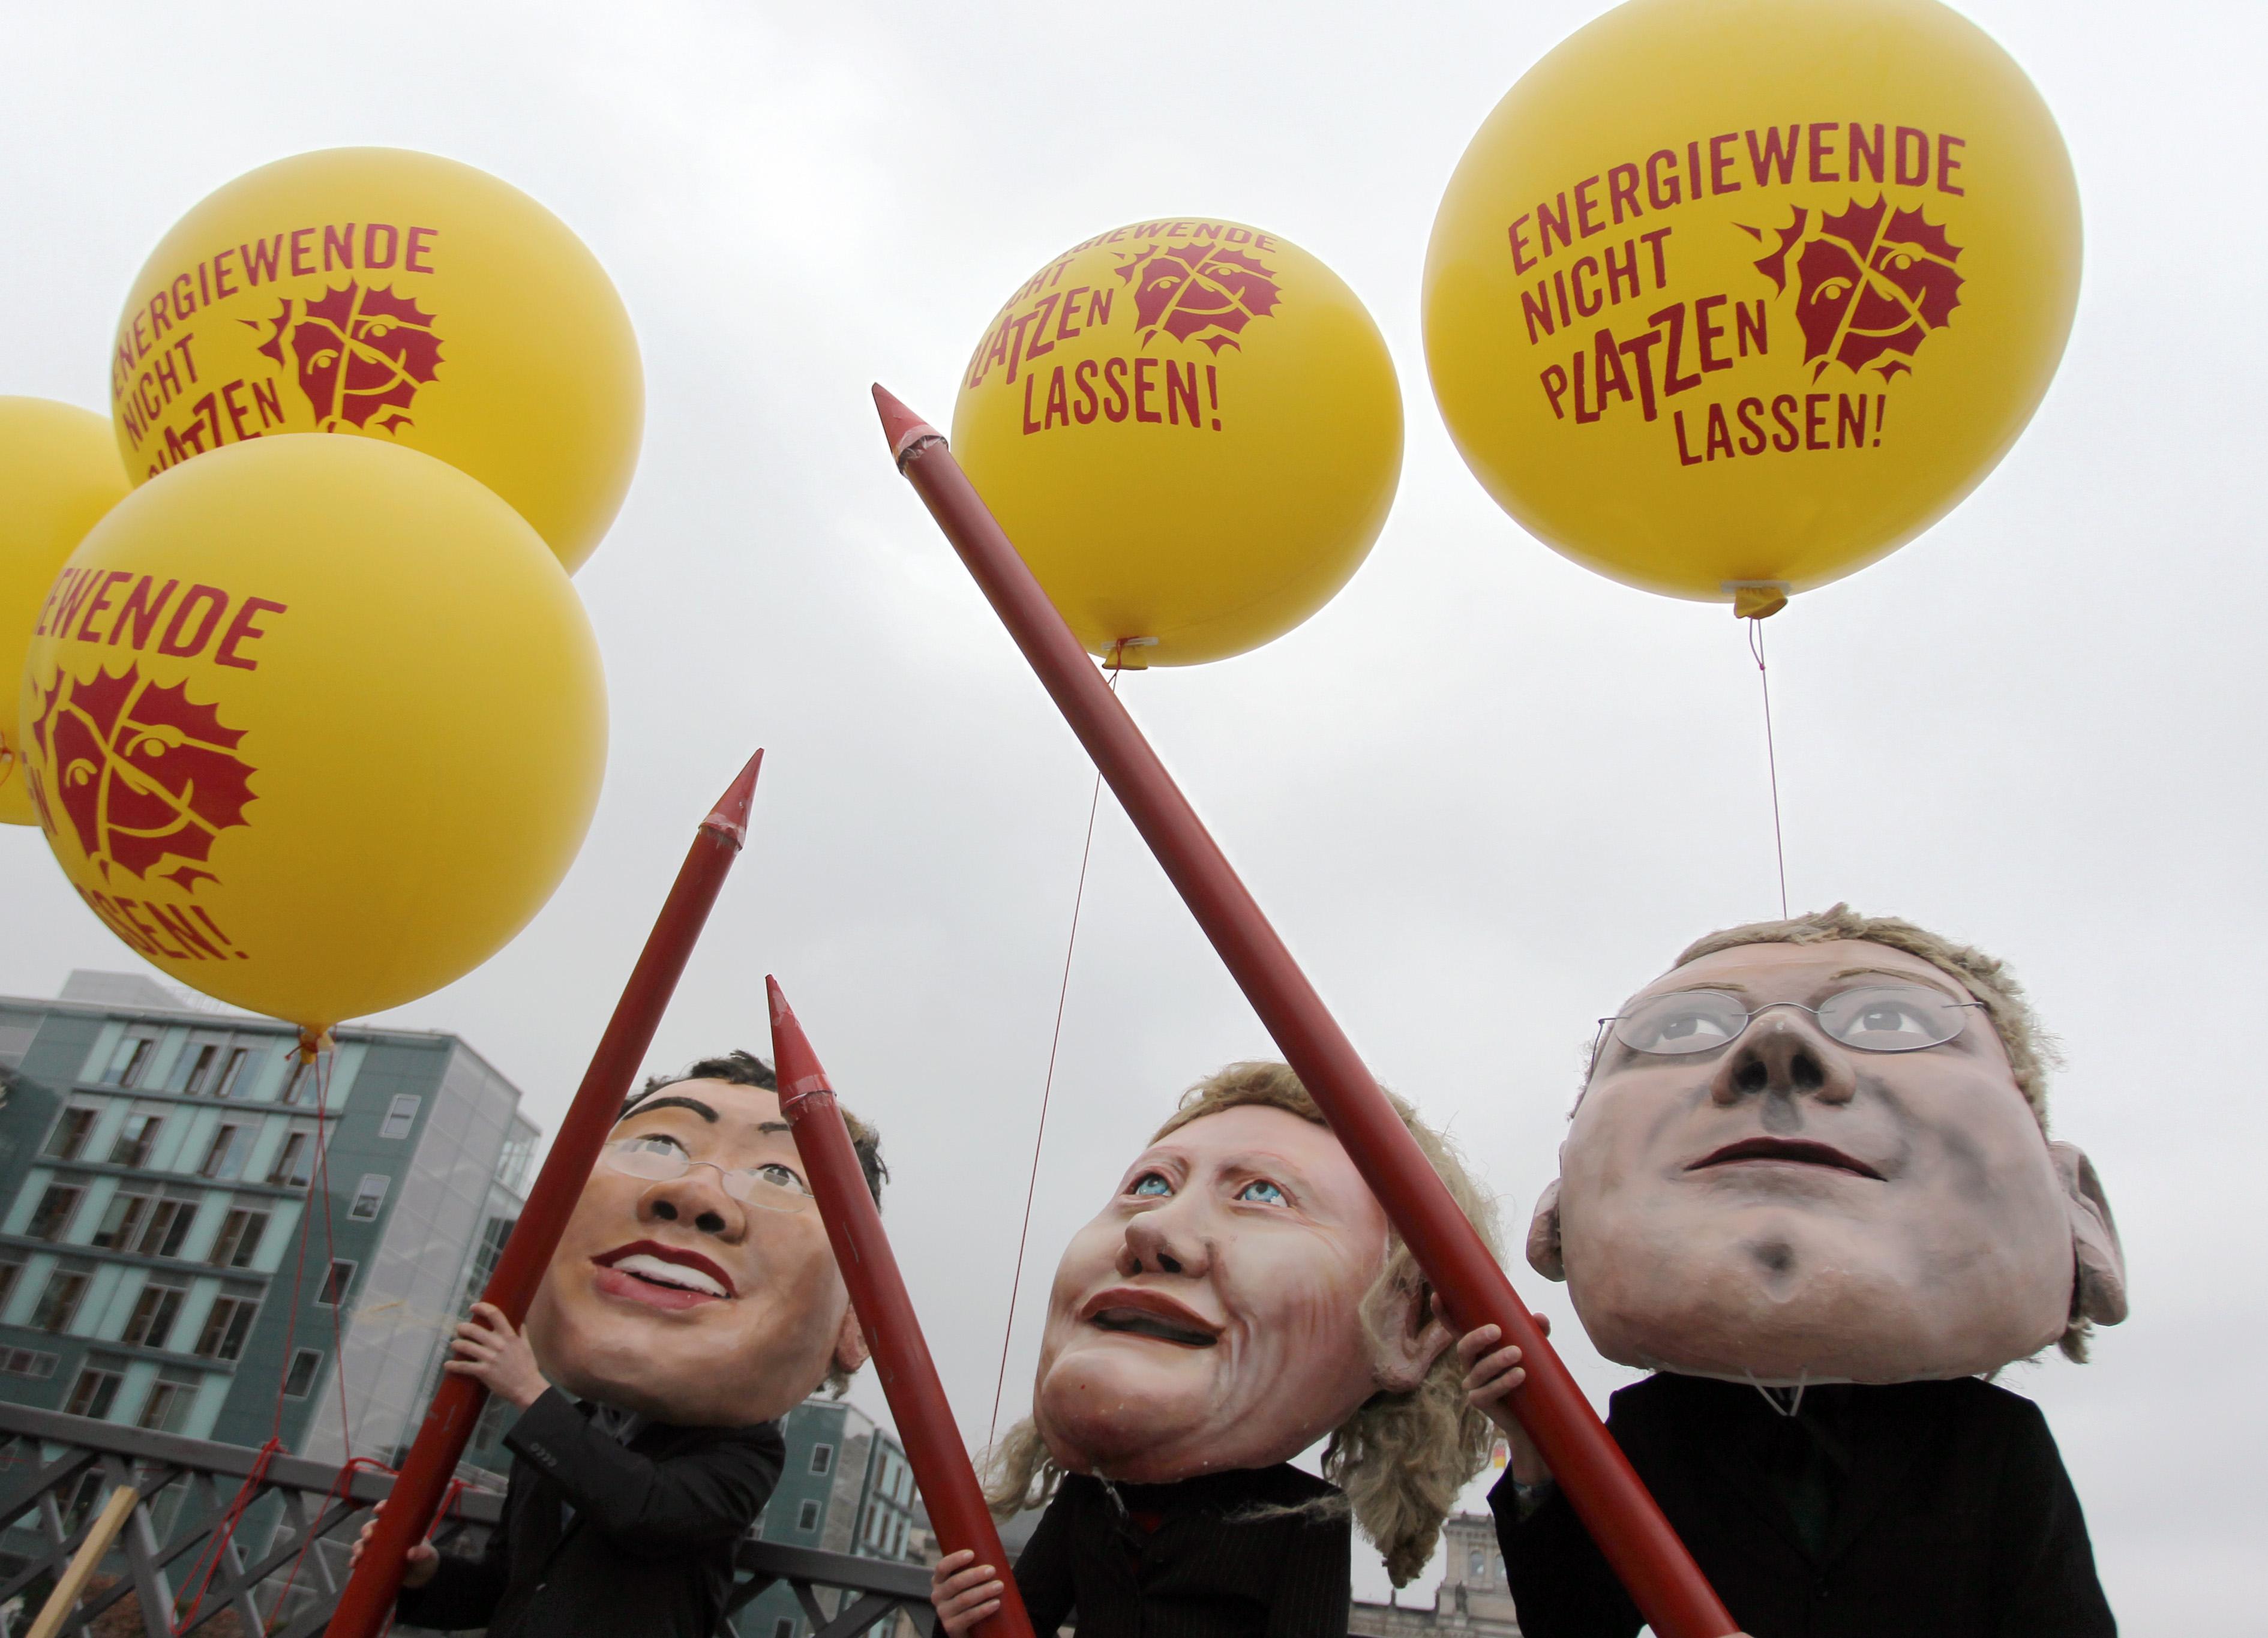 Proteste vor dem Umweltausschuss am 21.03.2012